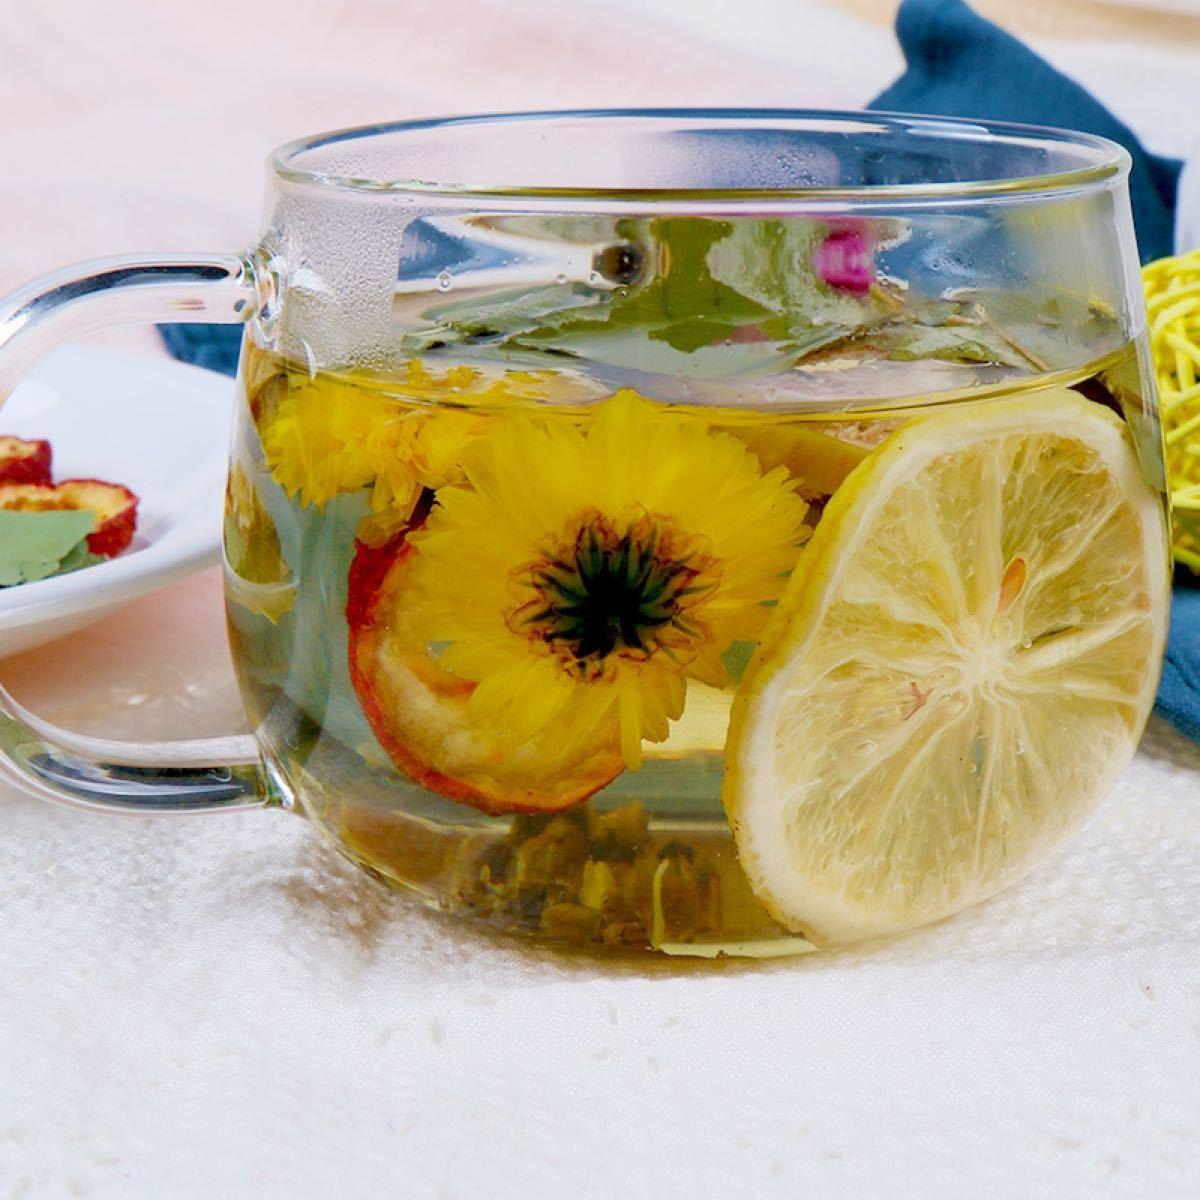 レモン蓮の葉ティー 健康茶 薬膳茶 美容茶 漢方茶 花茶 ハーブティー 中国茶